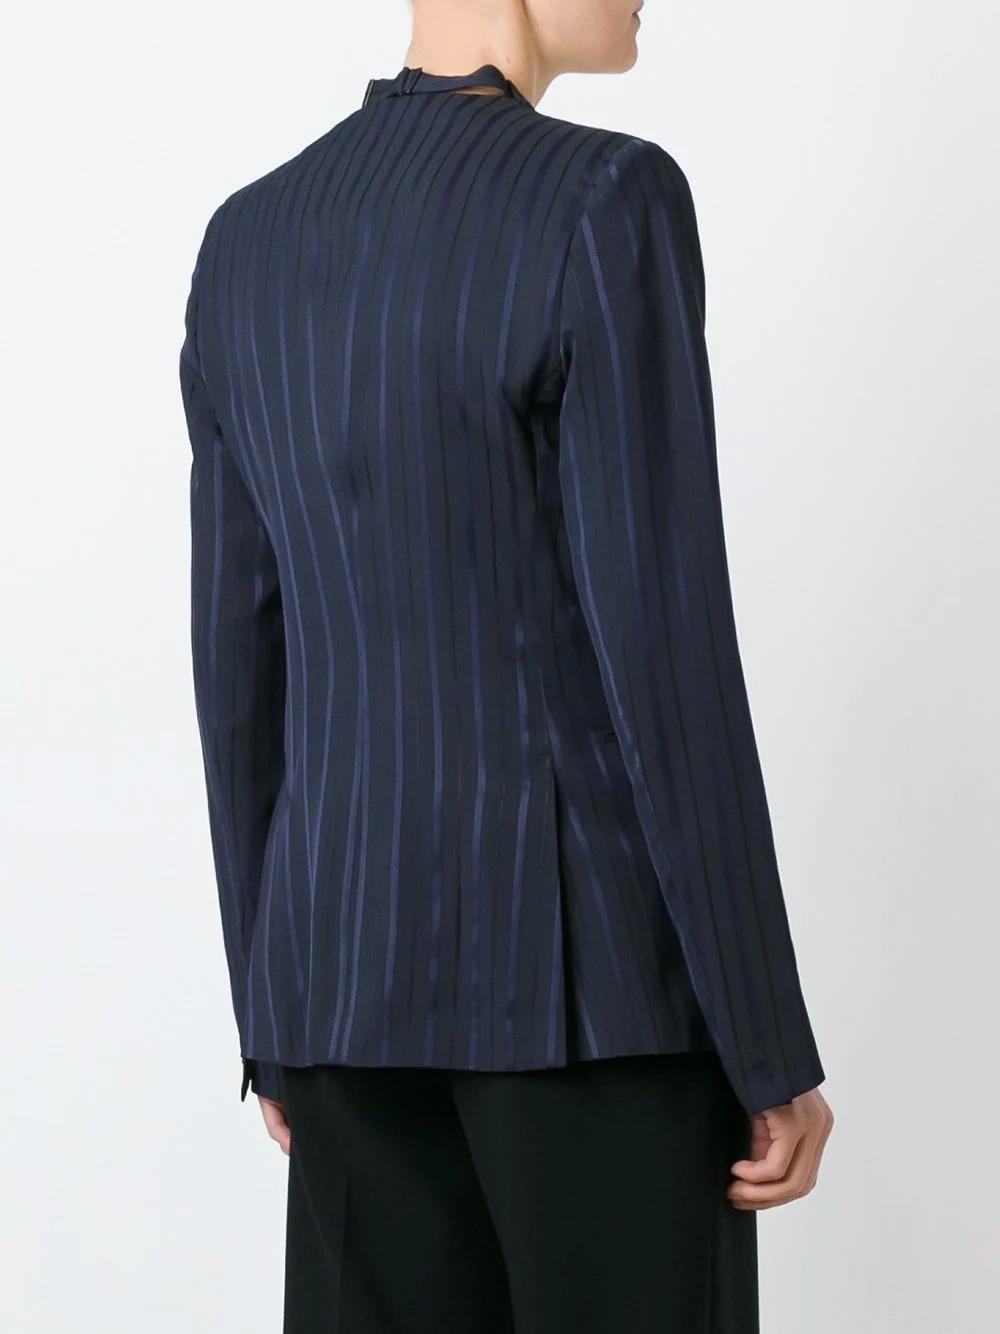 Maison Margiela | пиджак в тонкую полоску | Clouty